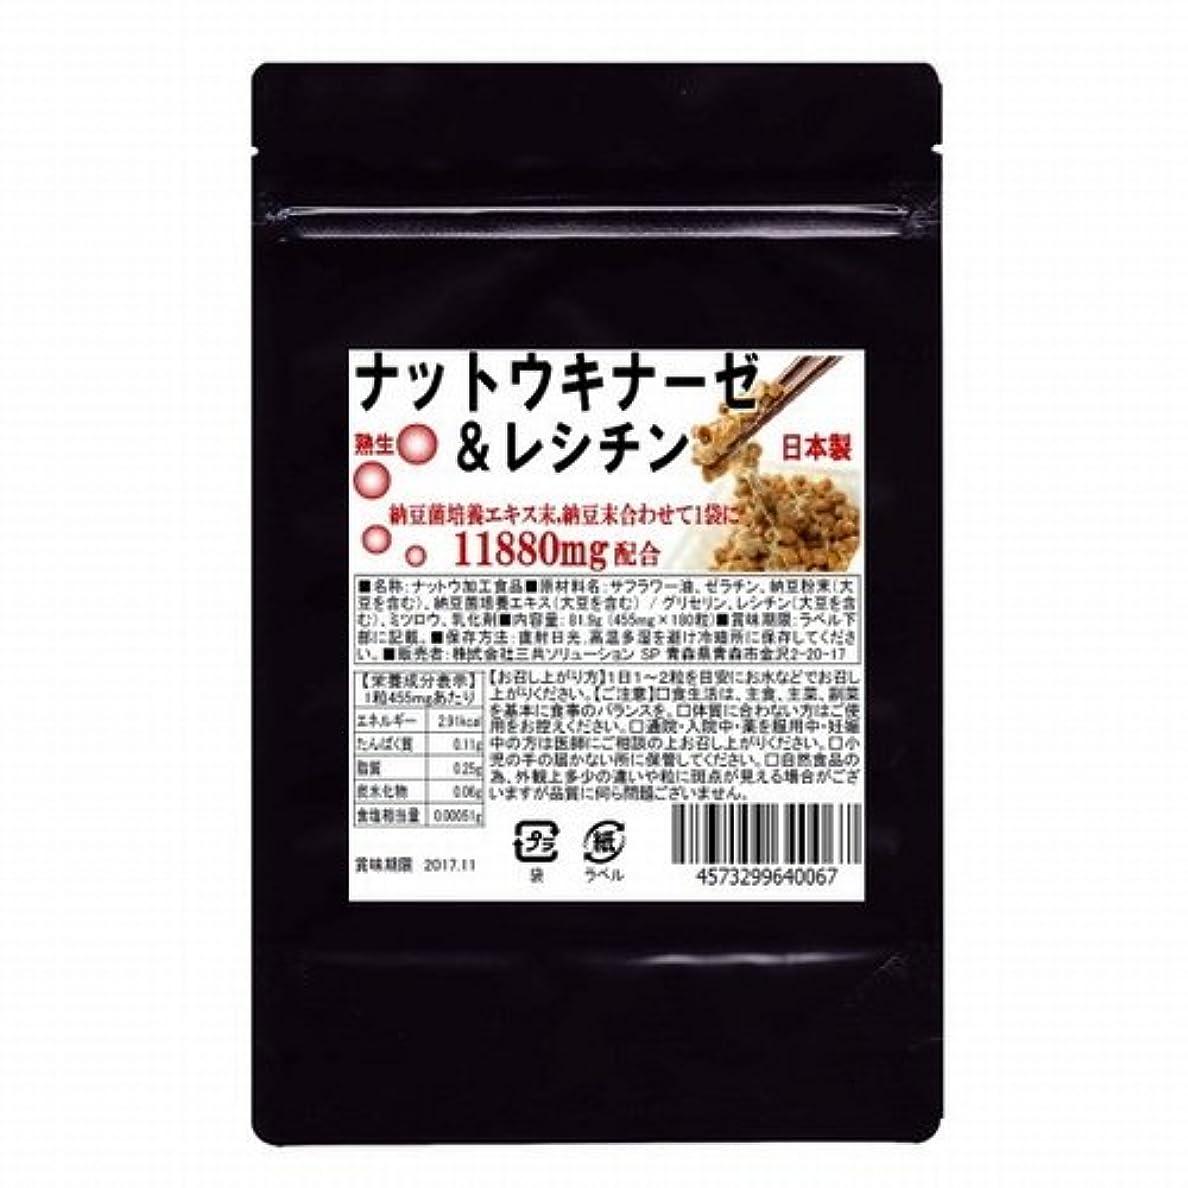 足守銭奴ブラスト【大容量】熟生ナットウキナーゼ&レシチン 180粒